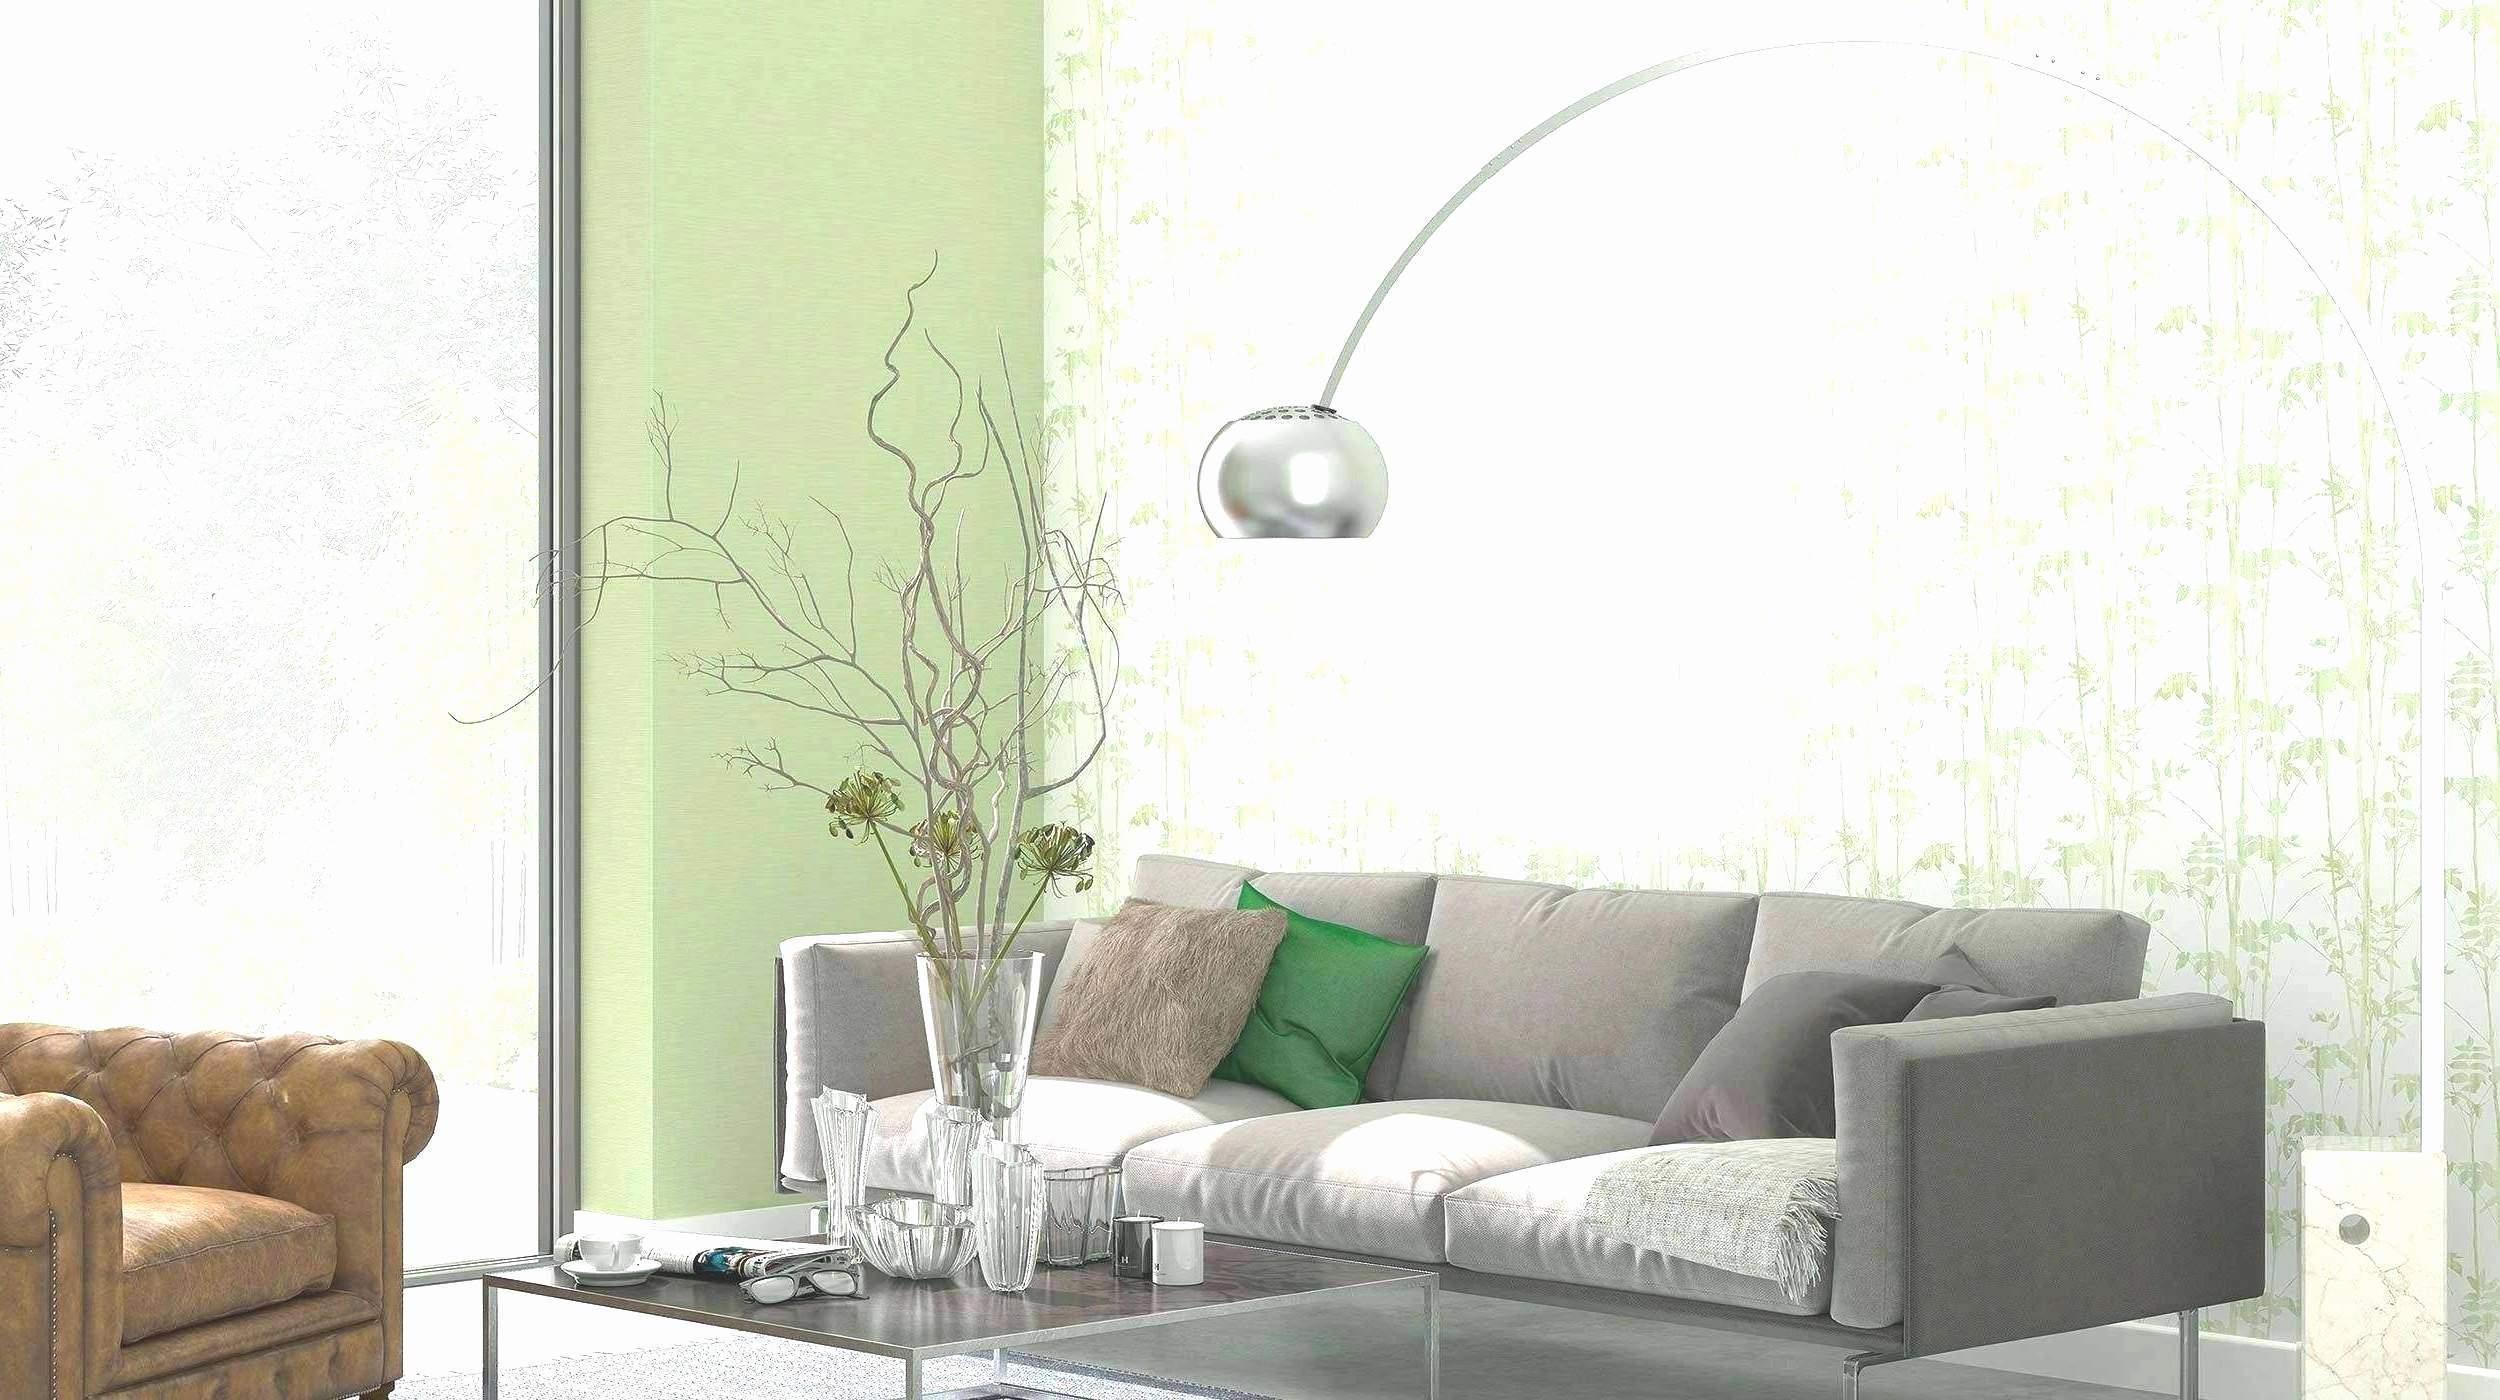 Full Size of Ikea Bogenlampe Papier Kaufen Stehlampe Regolit Hack Bogenlampen Steh Anleitung Wohnzimmer Ideen Frisch Küche Kosten Betten Bei Sofa Mit Schlaffunktion Wohnzimmer Ikea Bogenlampe